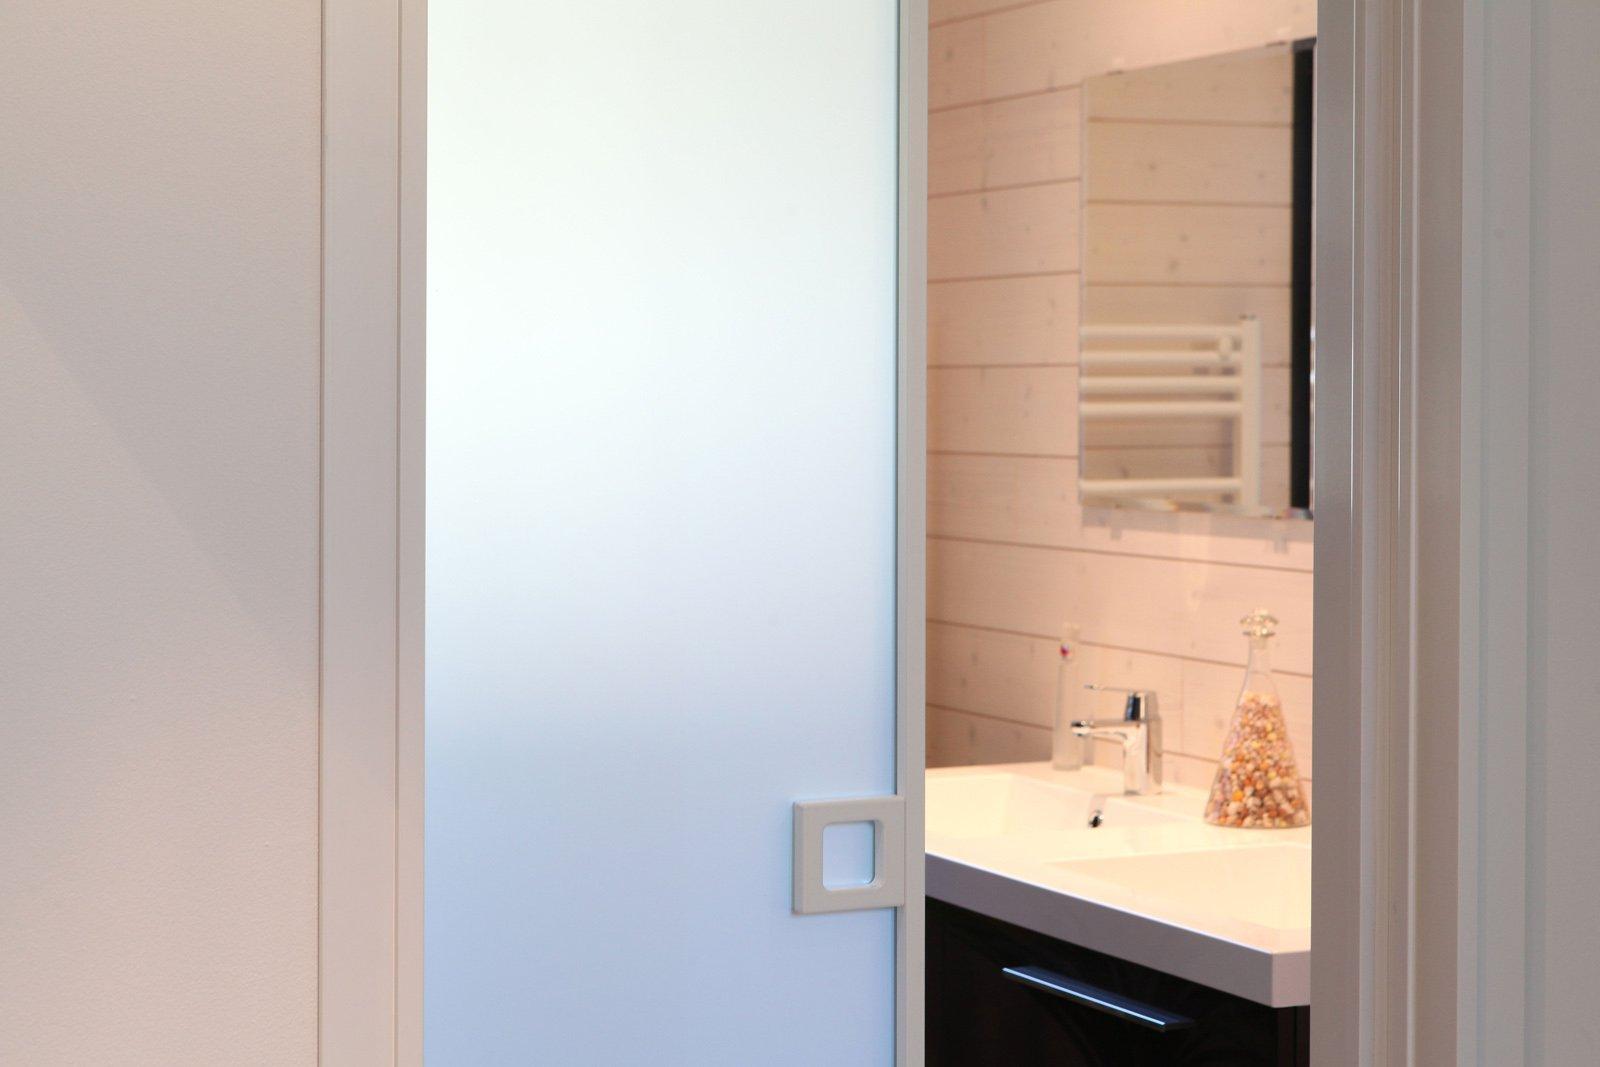 Eclisse un preventivo per una porta scorrevole in casa - Porta scorrevole bagno ...